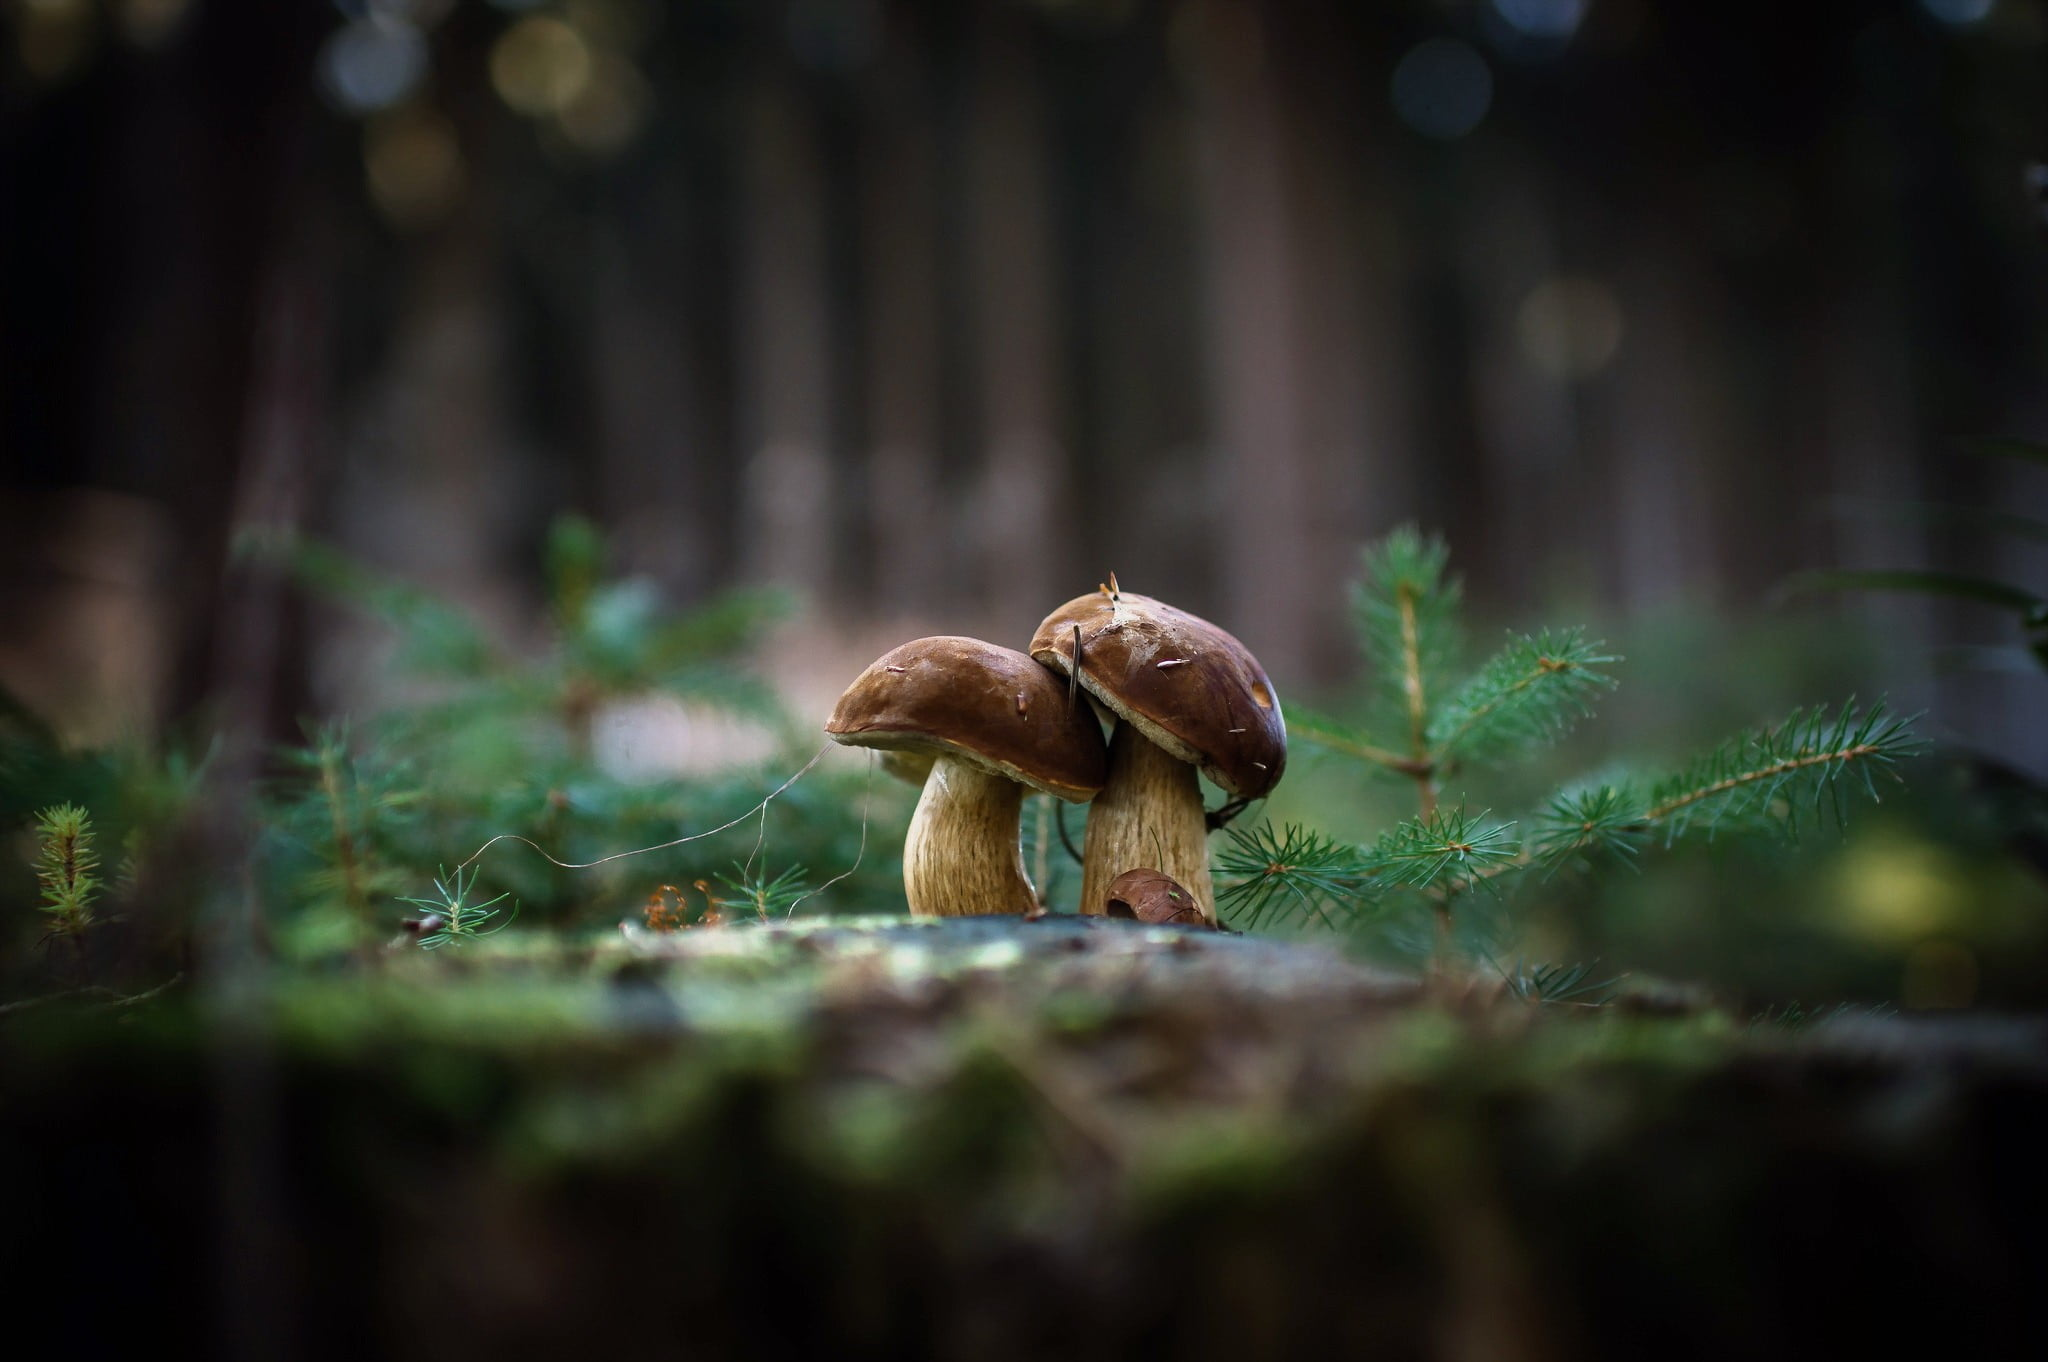 Hình ảnh hai cây nấm nâu đẹp